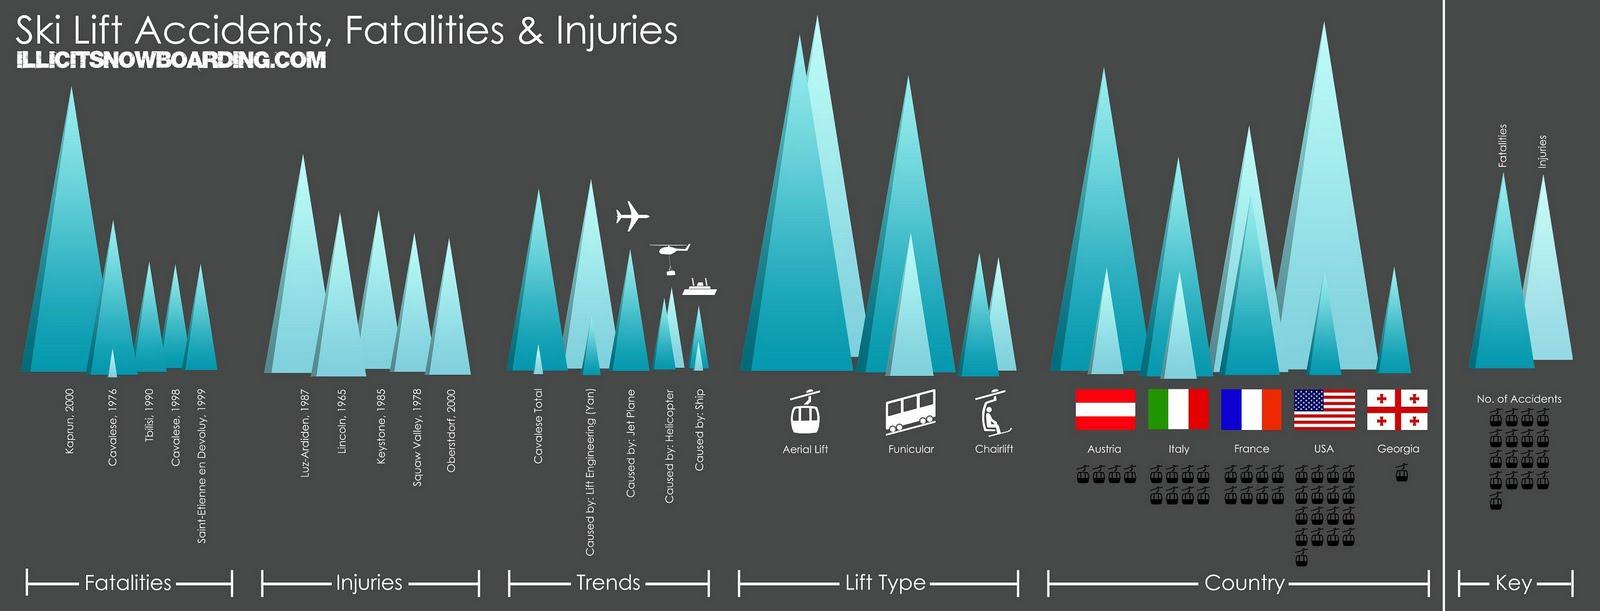 аварии на горнолыжных подъемниках